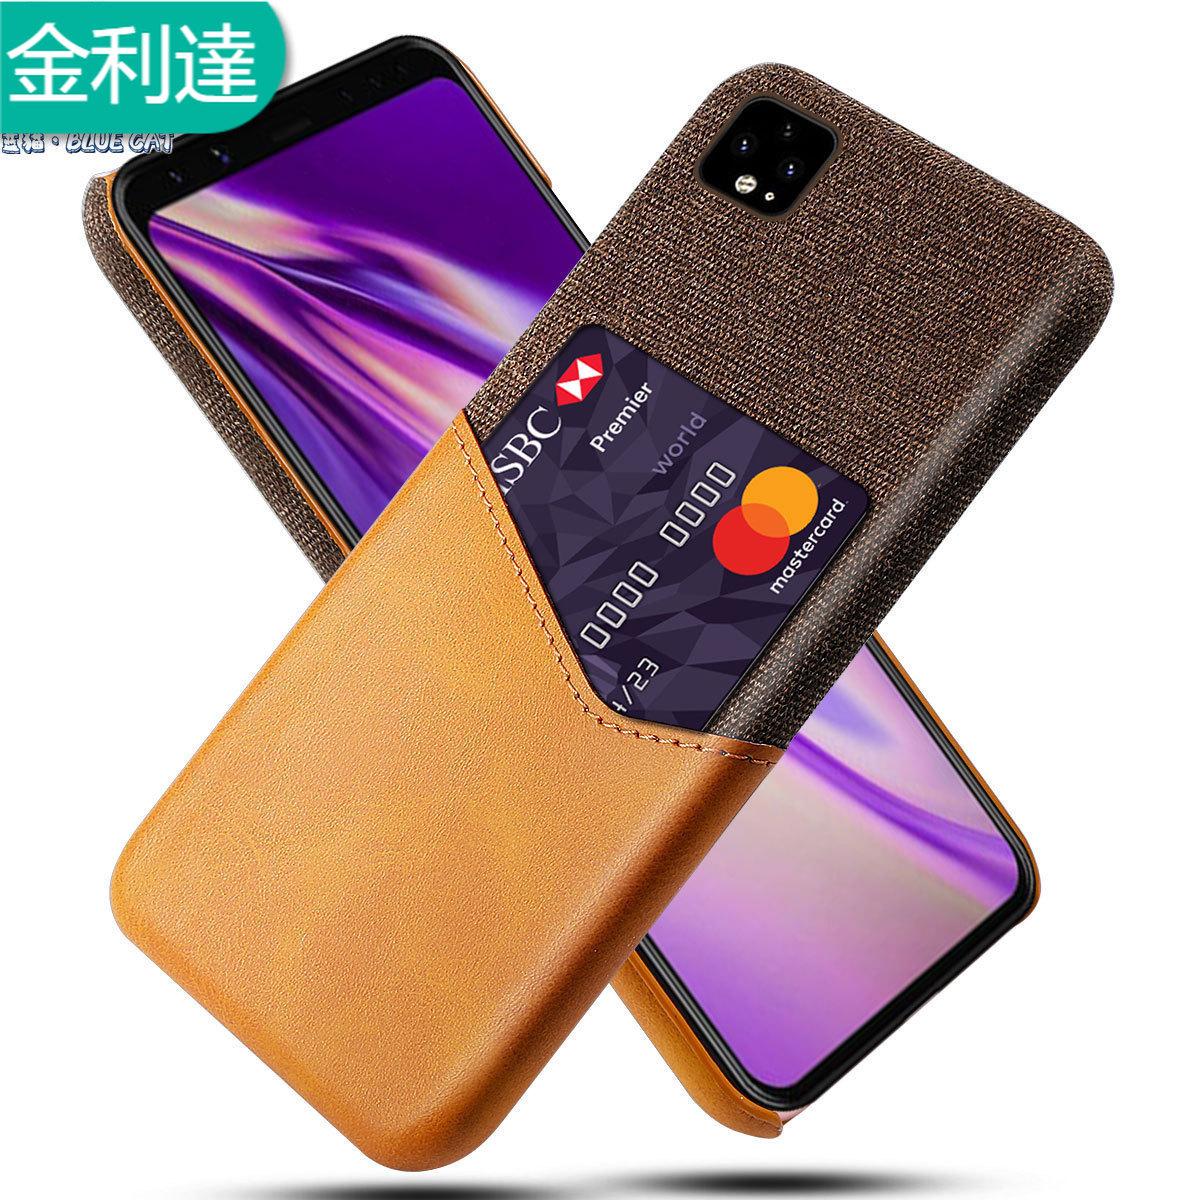 新品✨熱銷官網同款 原廠正版 谷歌 Pixel5 Pixel4A Pixel 4 4XL 手機殼 創意布紋皮套 保護套